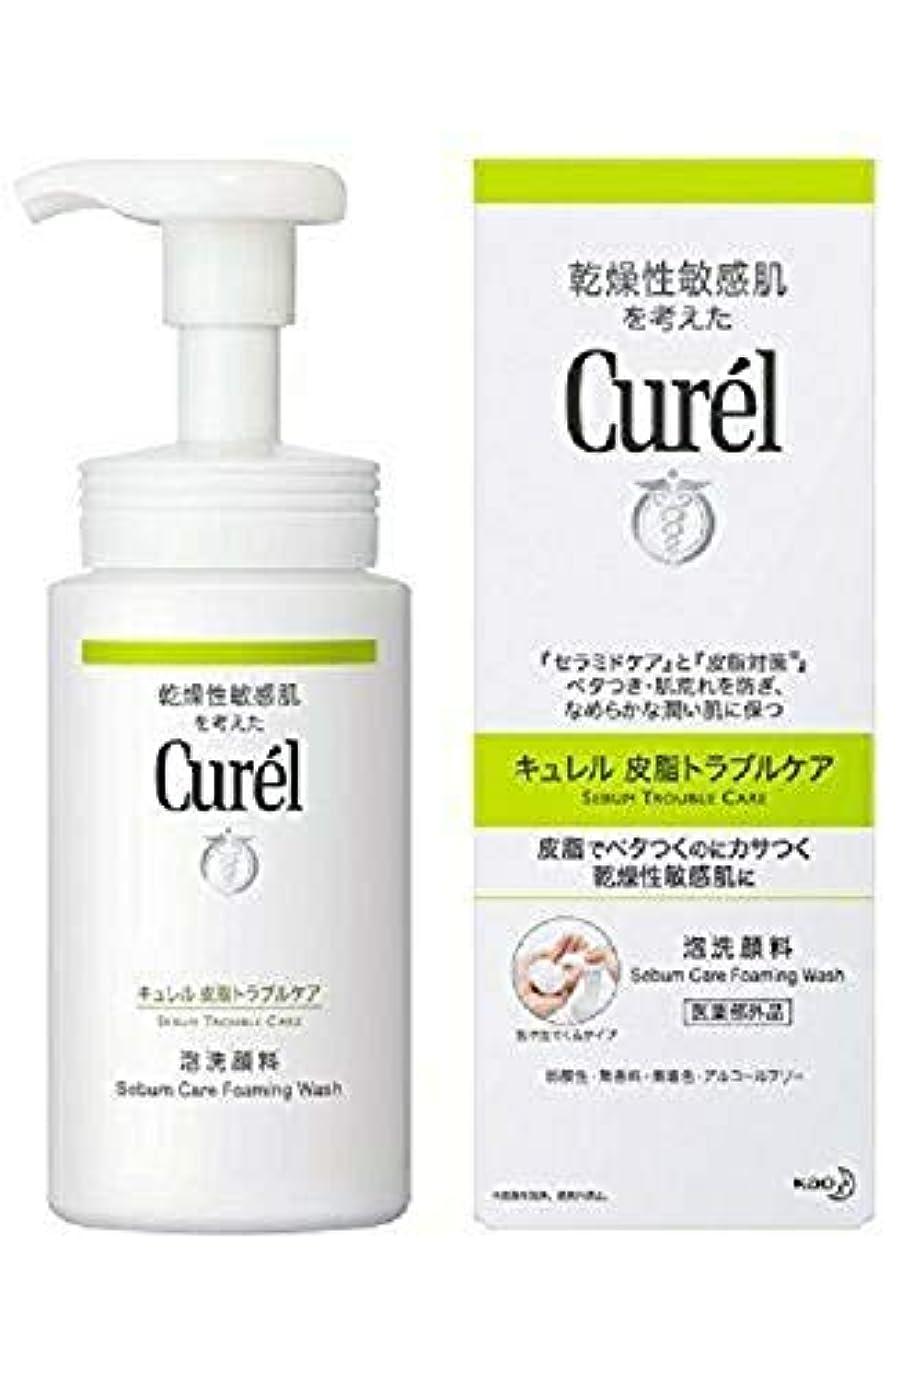 オーバードロー抜け目のない繕うCurél キュレル皮脂皮脂トラブルケア泡風呂ゲル150ミリリットル-skinケア洗浄後にタイトではない、快適、クールマットになります。